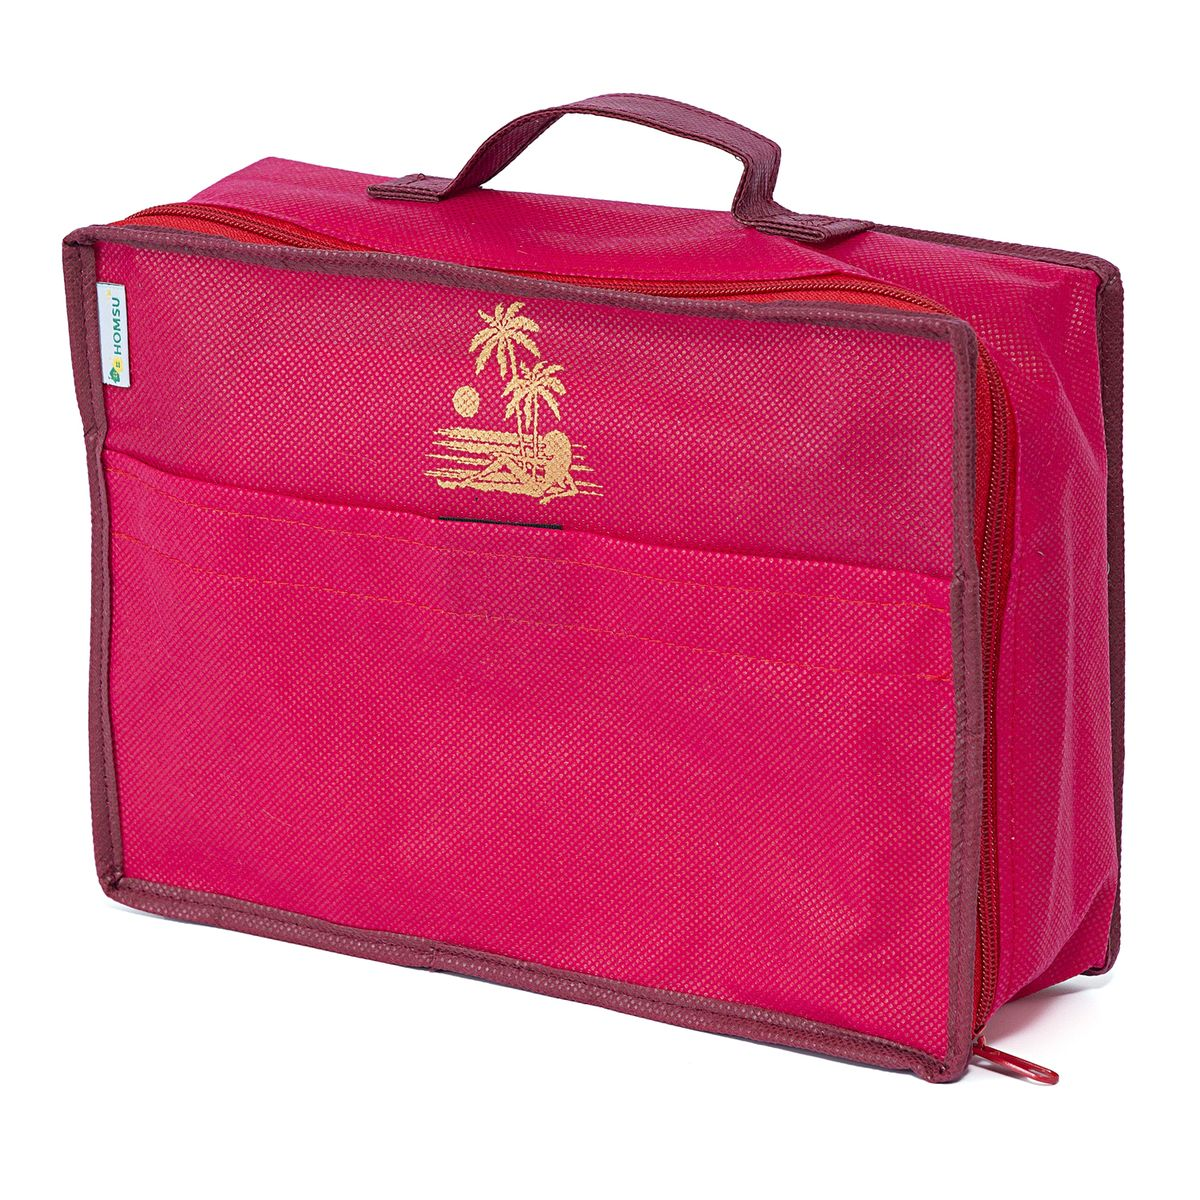 Сумка для багажа Homsu Lady in Red, 28 х 20 х 9 смВСП 5_белый, серебристыйСумка для багажа Homsu Lady in Red выполнена из спанбонда и картона. Вместе с оригинальным современным дизайном такая сумка для багажа принесёт также очень существенную практическую пользу в любом путешествии. Благодаря ей вы сможете распределить все вещи, которые возьмёте с собой, таким образом, что всегда будете иметь быстрый доступ к ним, и при этом надёжно защитить от пыли, грязи, влажности или механических повреждений.